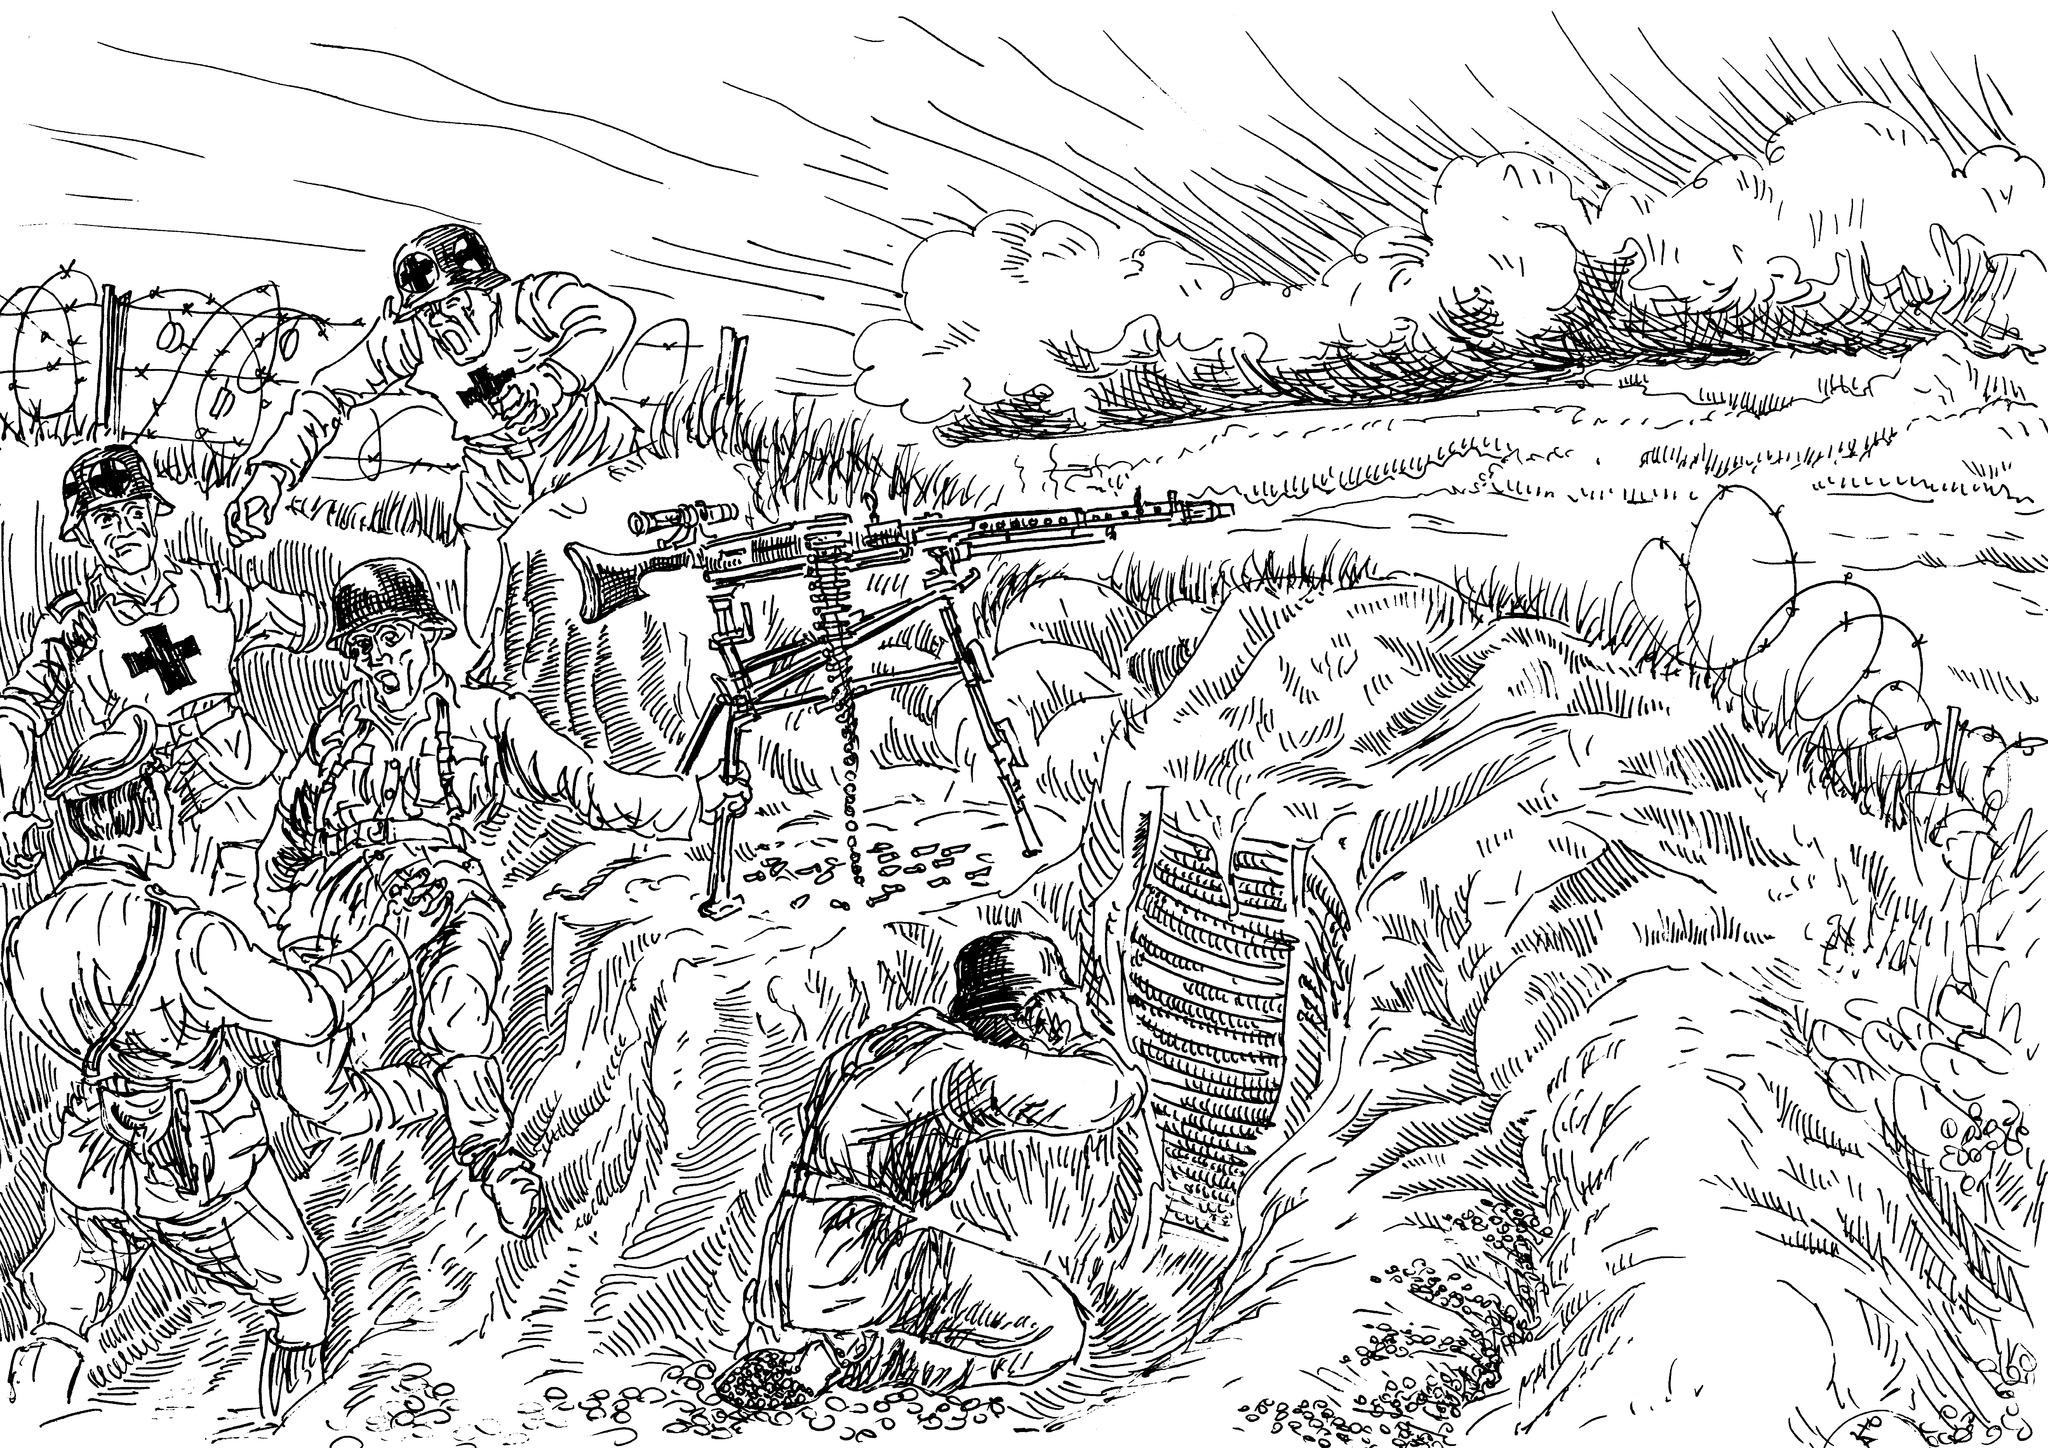 Кровавые полководцы — Жуков, Конев, Петров и многие-многие другие генералы победы